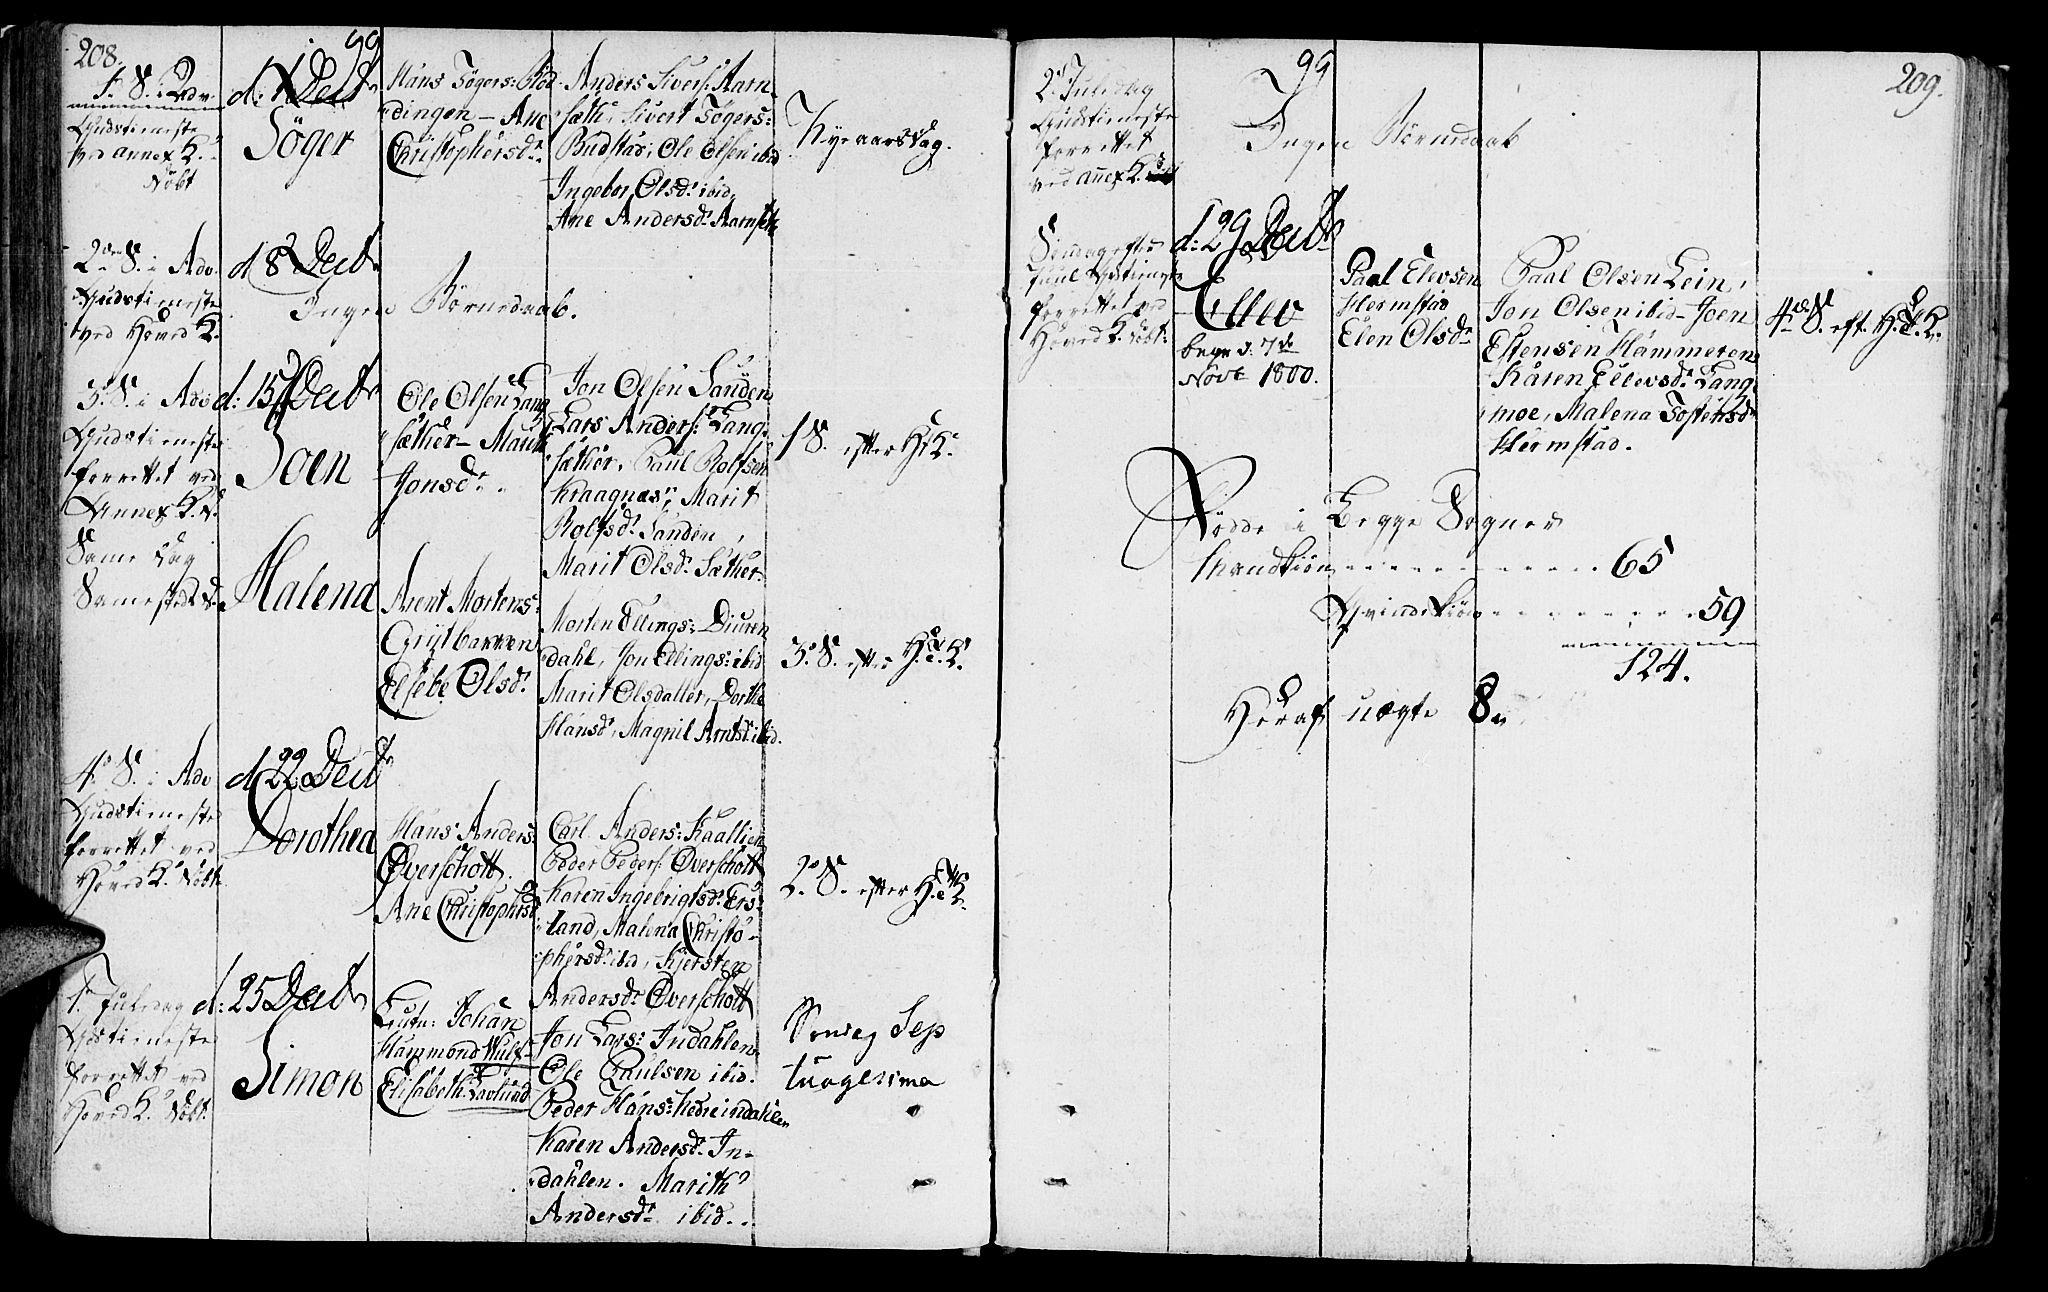 SAT, Ministerialprotokoller, klokkerbøker og fødselsregistre - Sør-Trøndelag, 646/L0606: Ministerialbok nr. 646A04, 1791-1805, s. 208-209